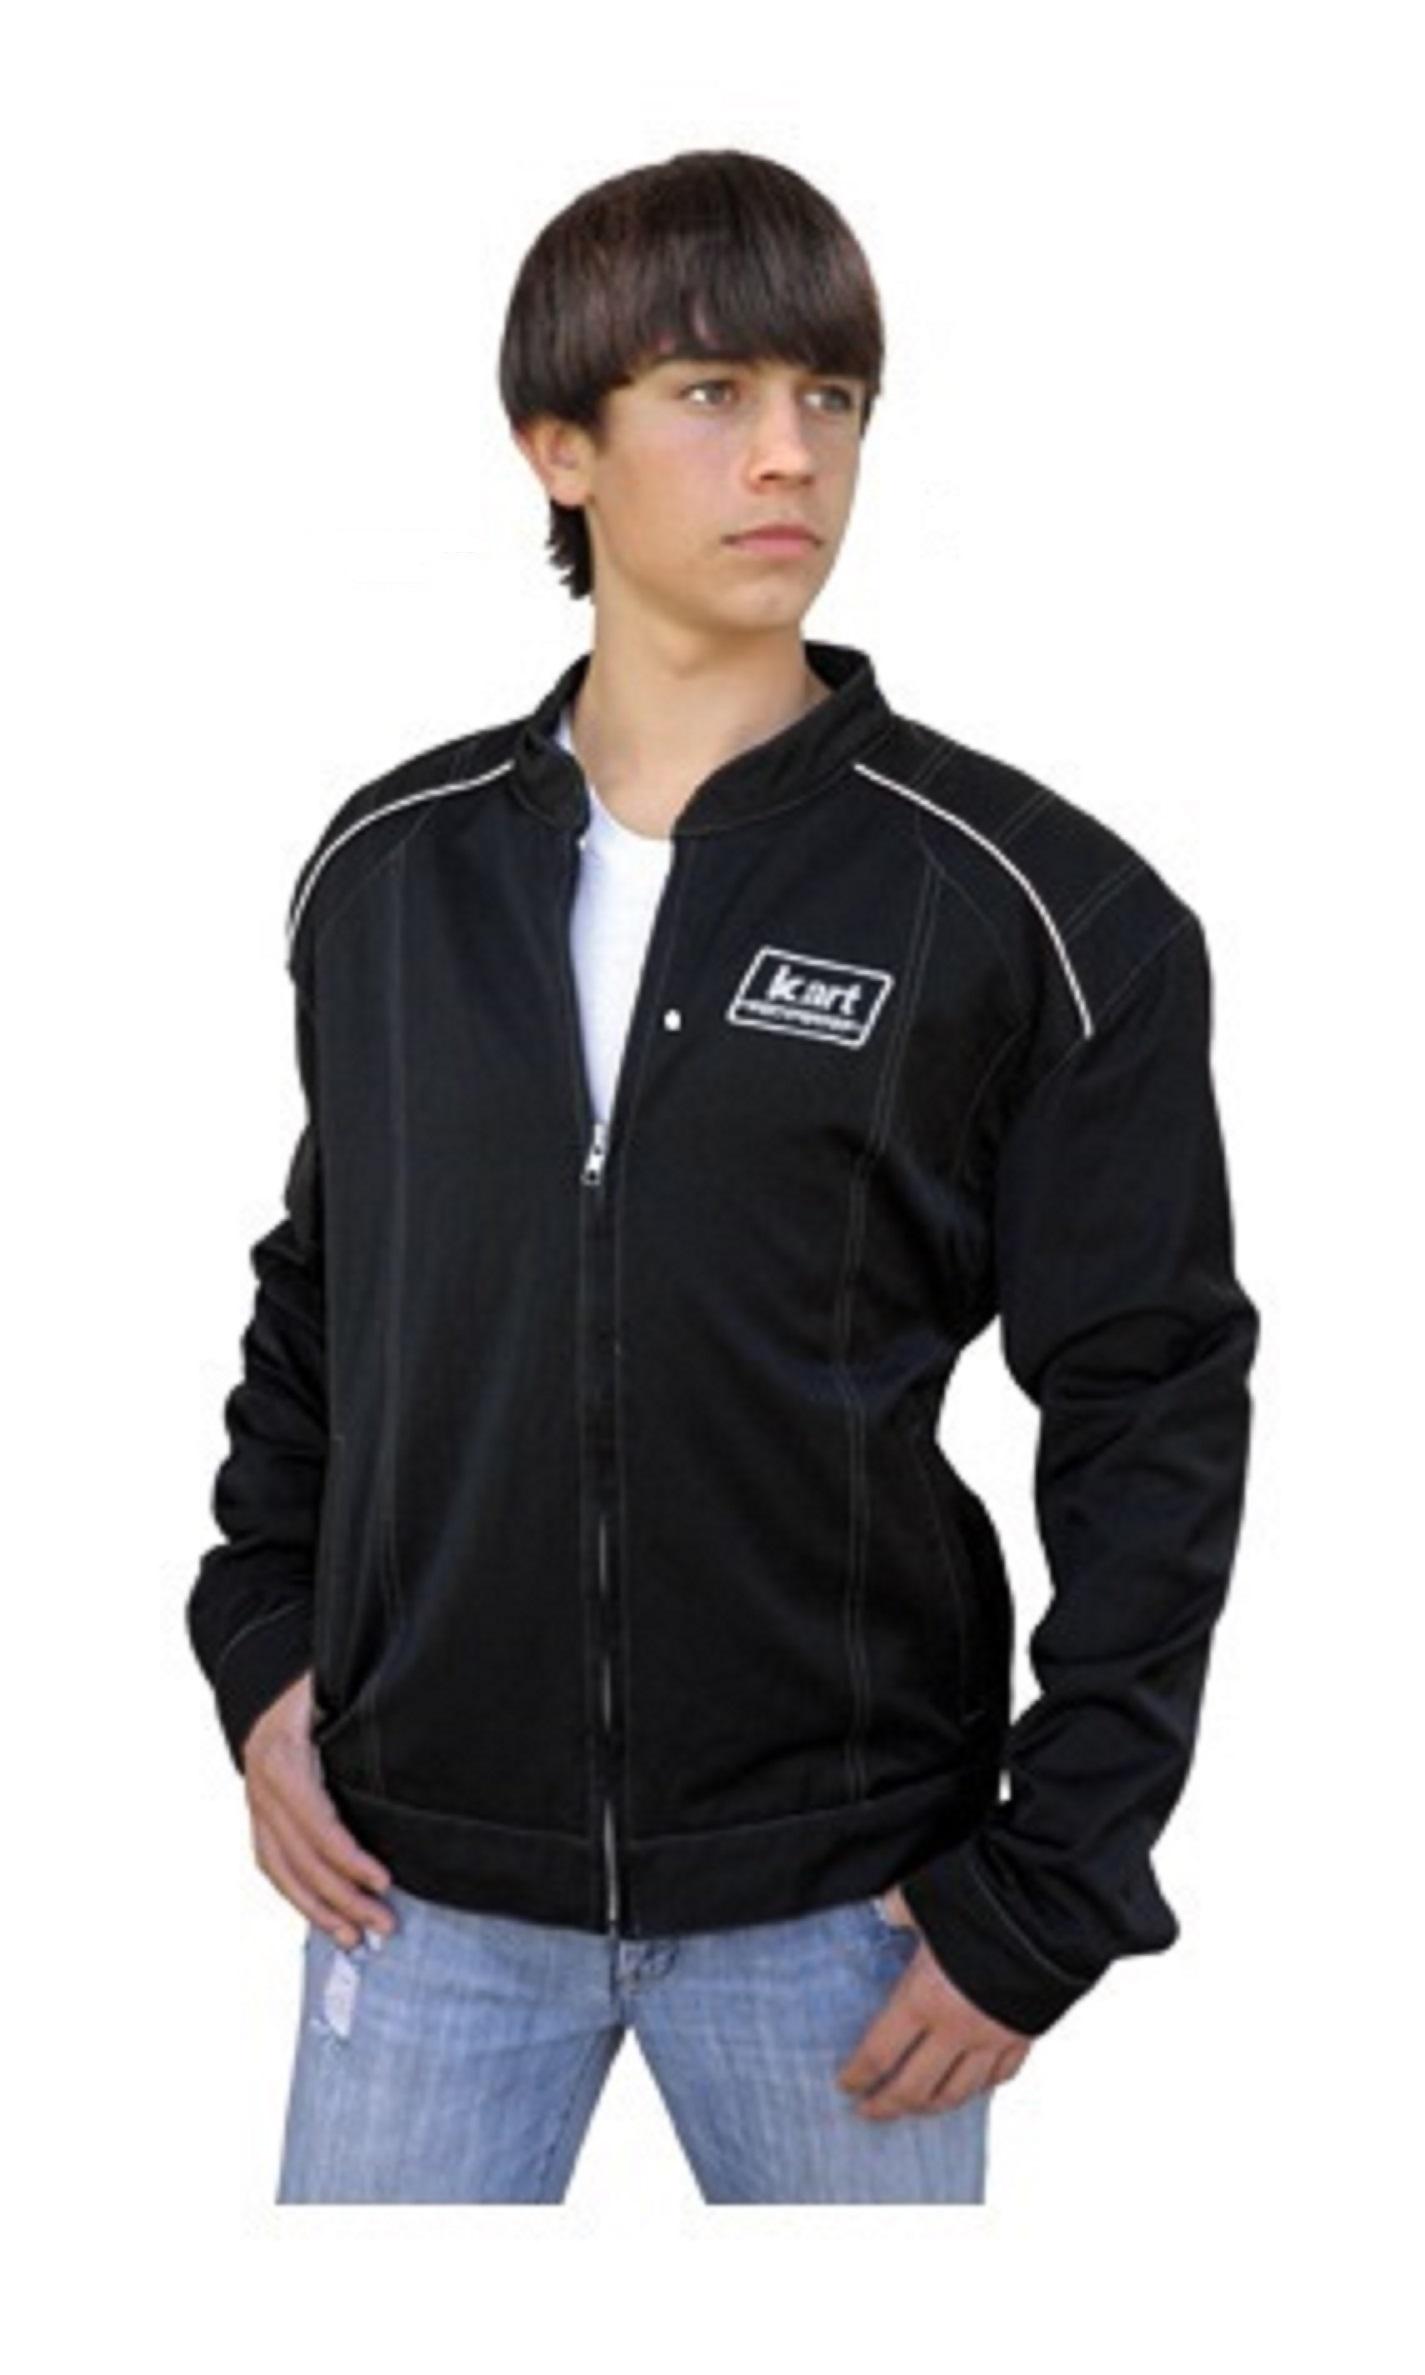 - Racewear 700 Premium Karting Jacket -